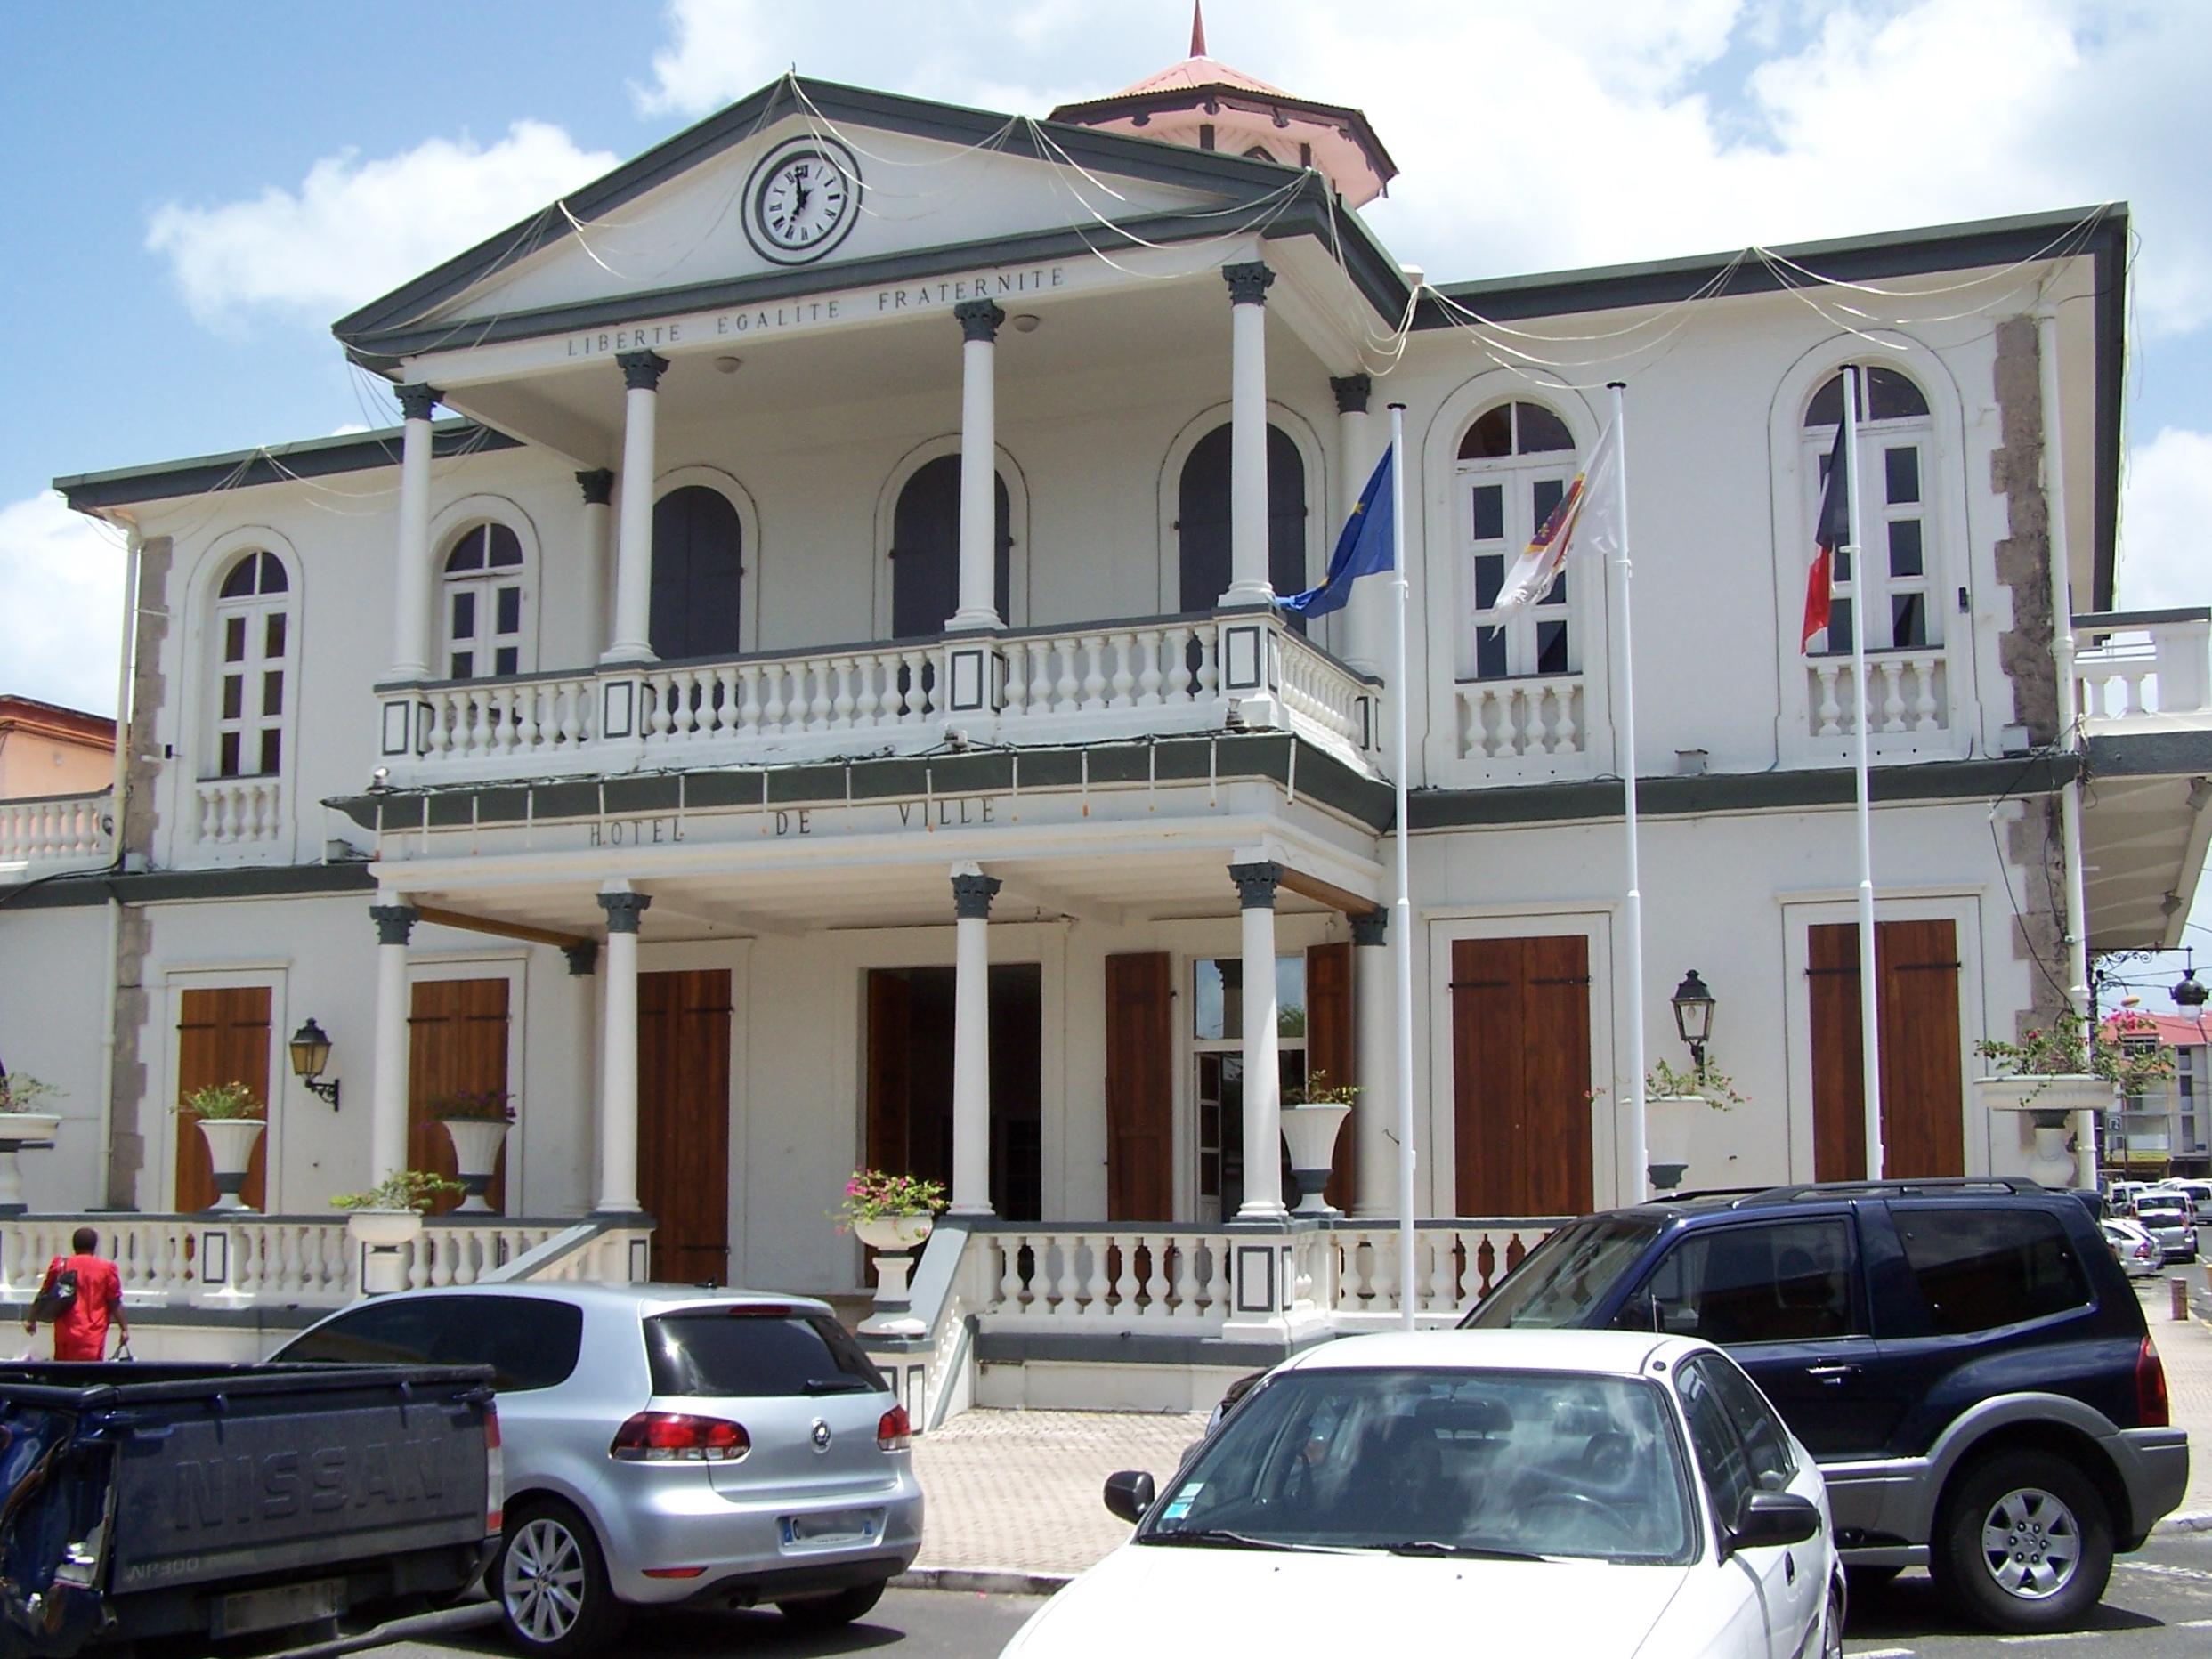 Le second tour des élections municipales se prépare à Basse-Terre